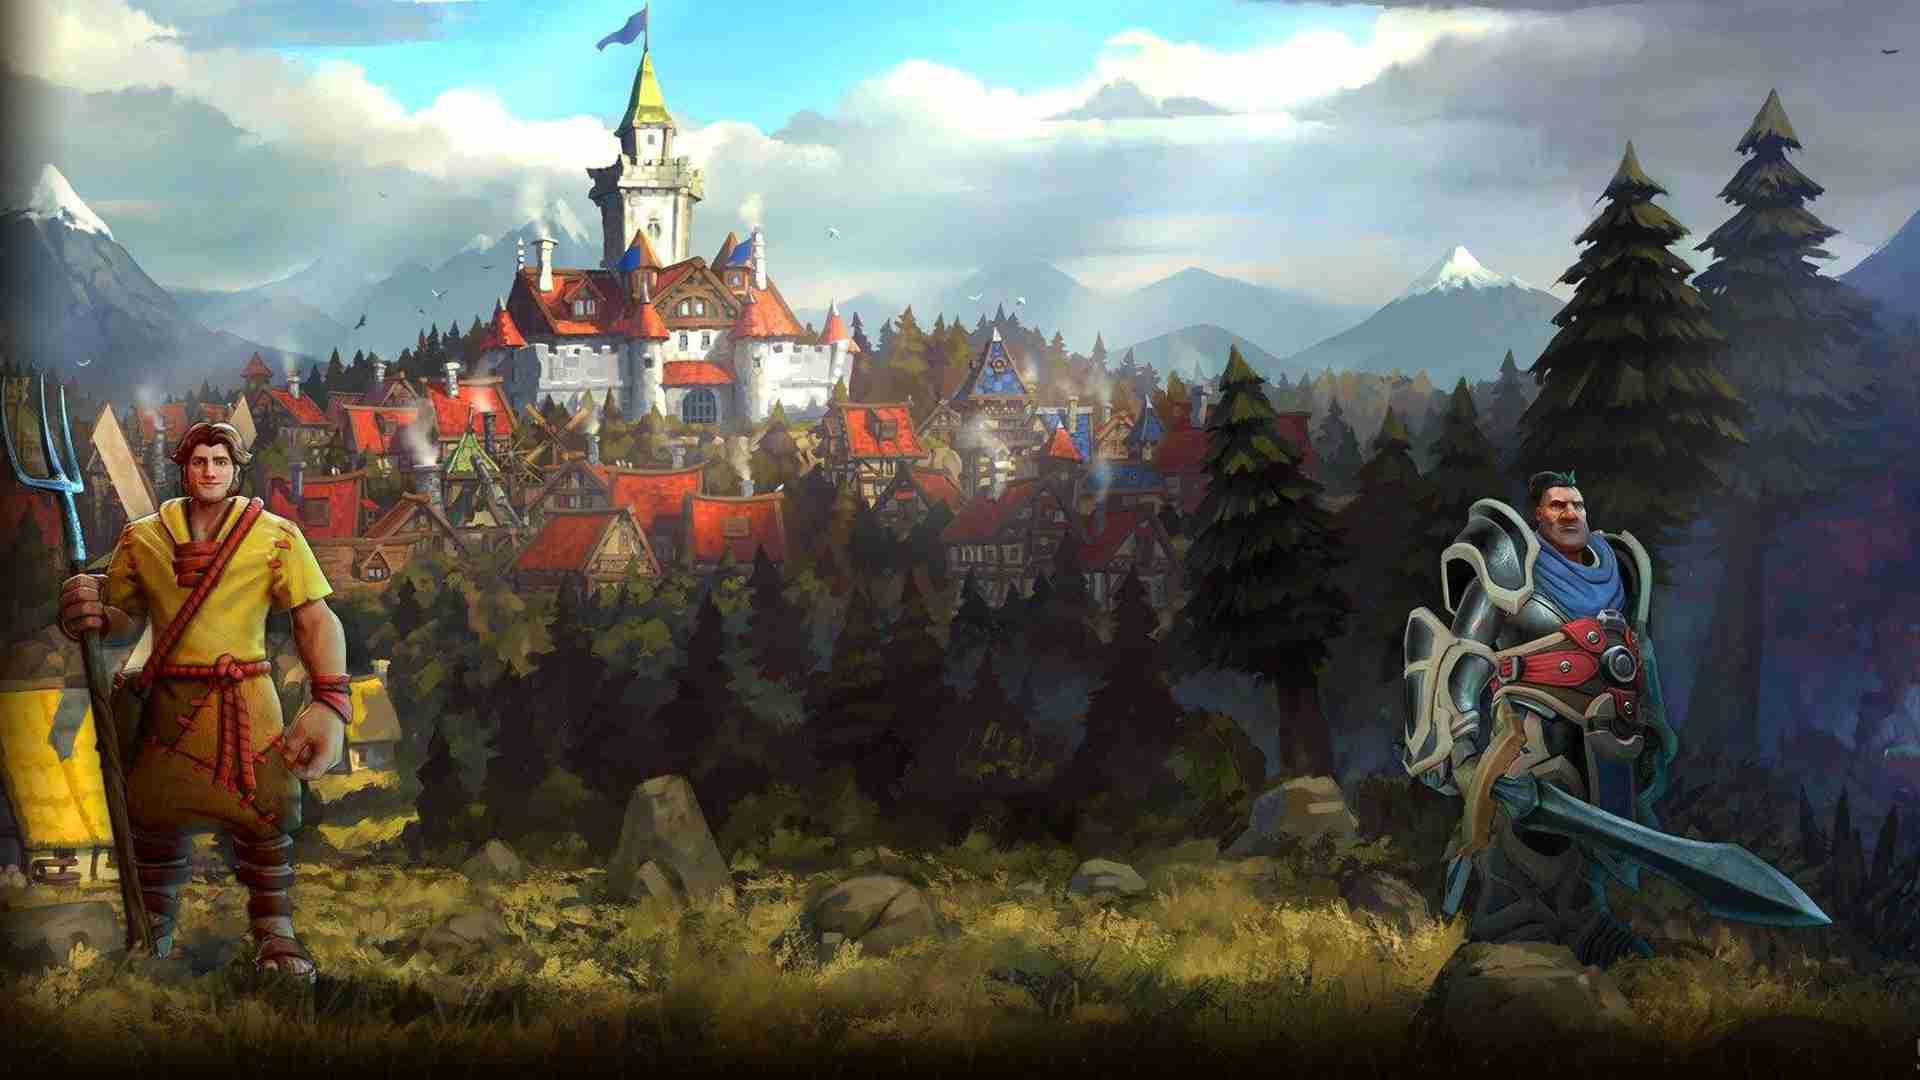 工人物语8:安特里亚王国图片